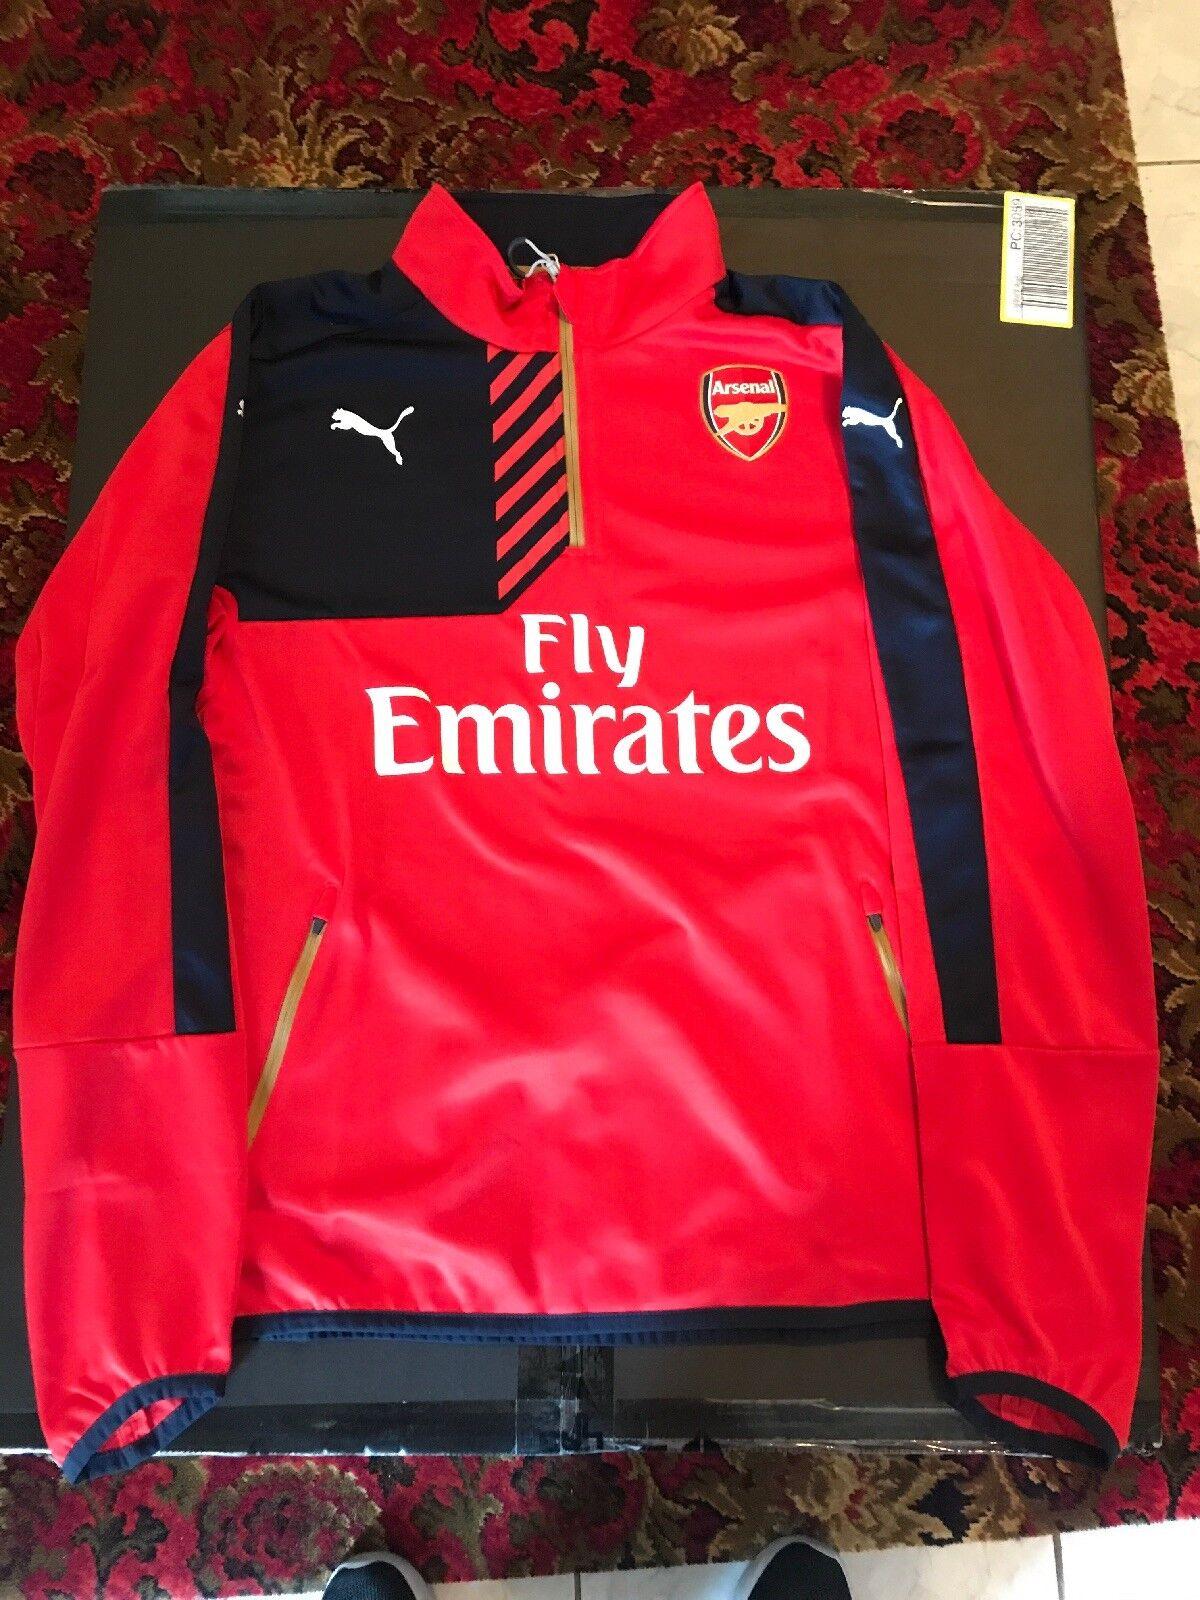 Arsenal 1 4 Training Top 15 16 - XL BNWT - Puma DryCell